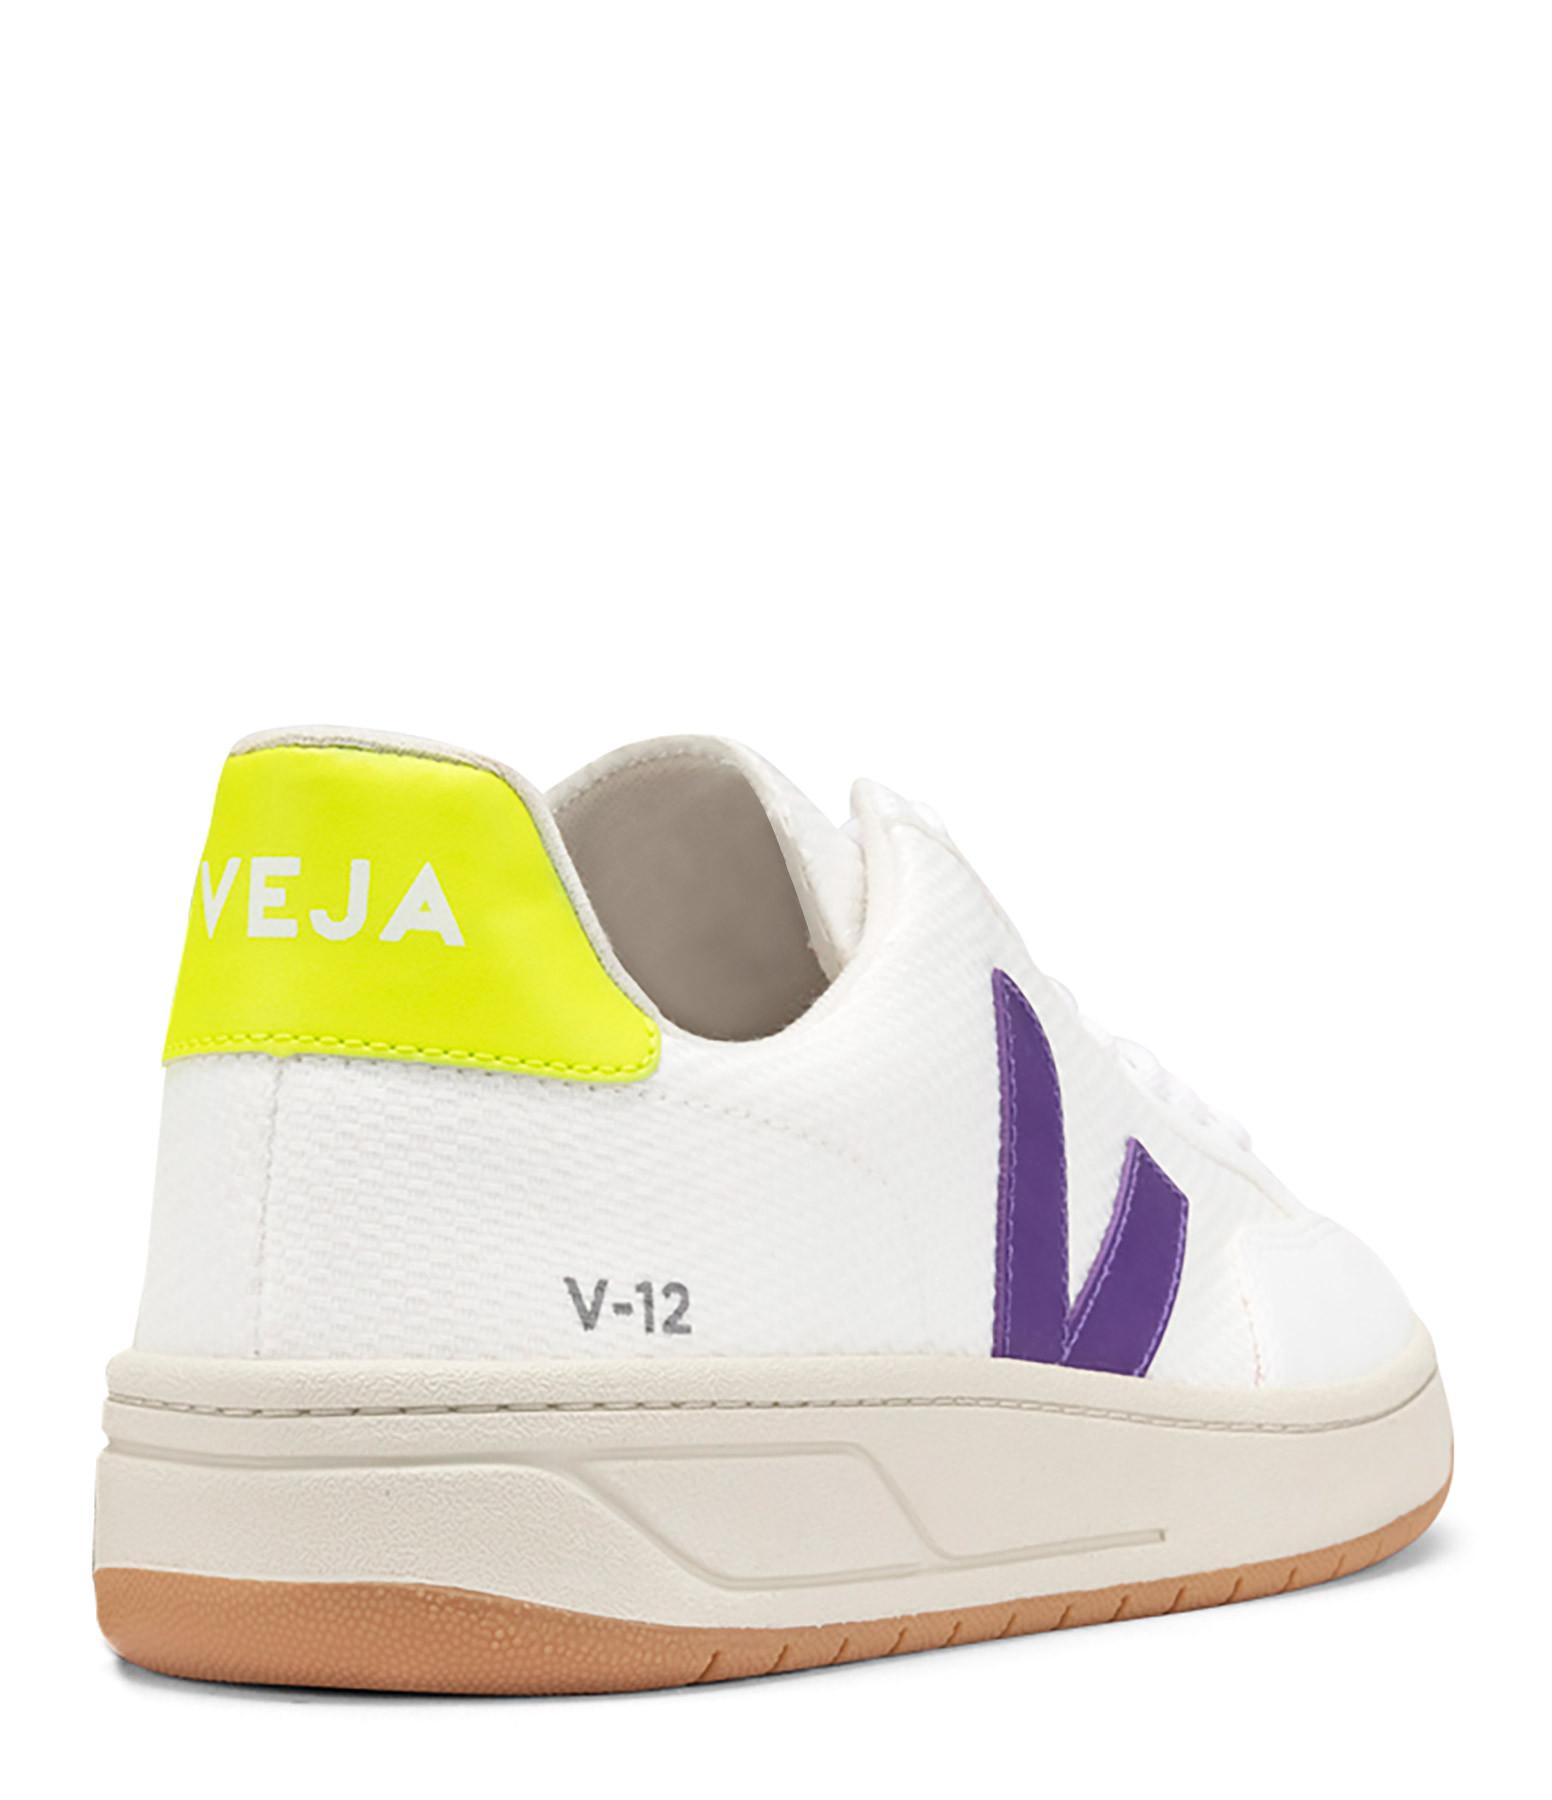 VEJA - Baskets V-12 B-Mesh Blanc Violet Jaune Fluo